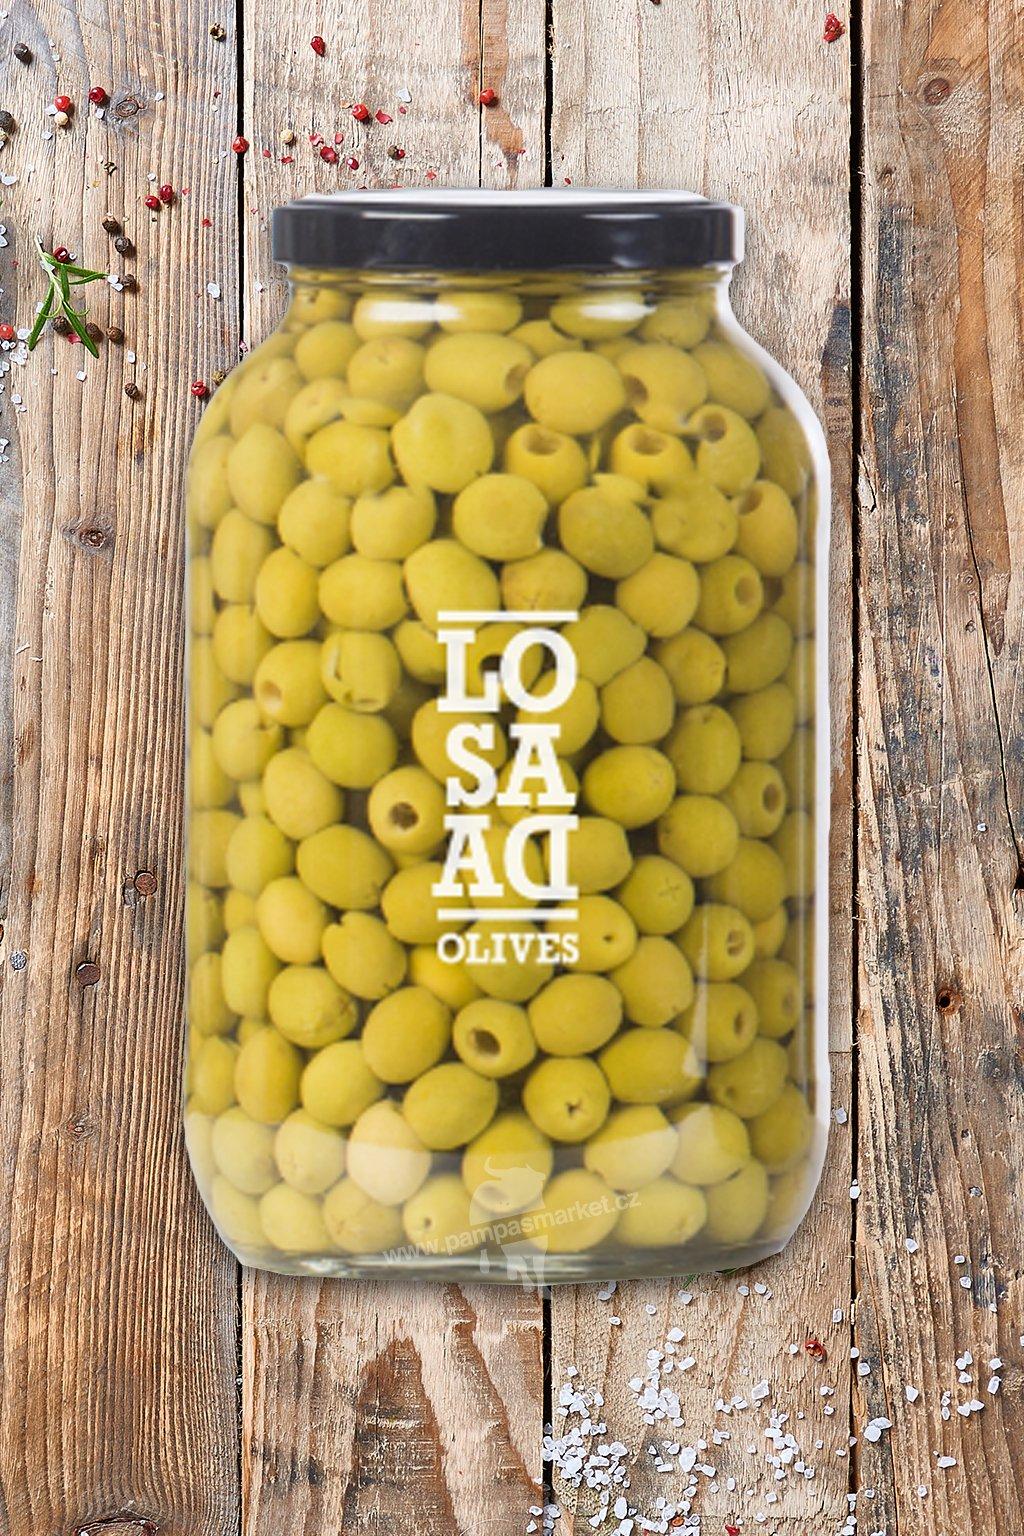 olivy mix zelene velke 1024x1536